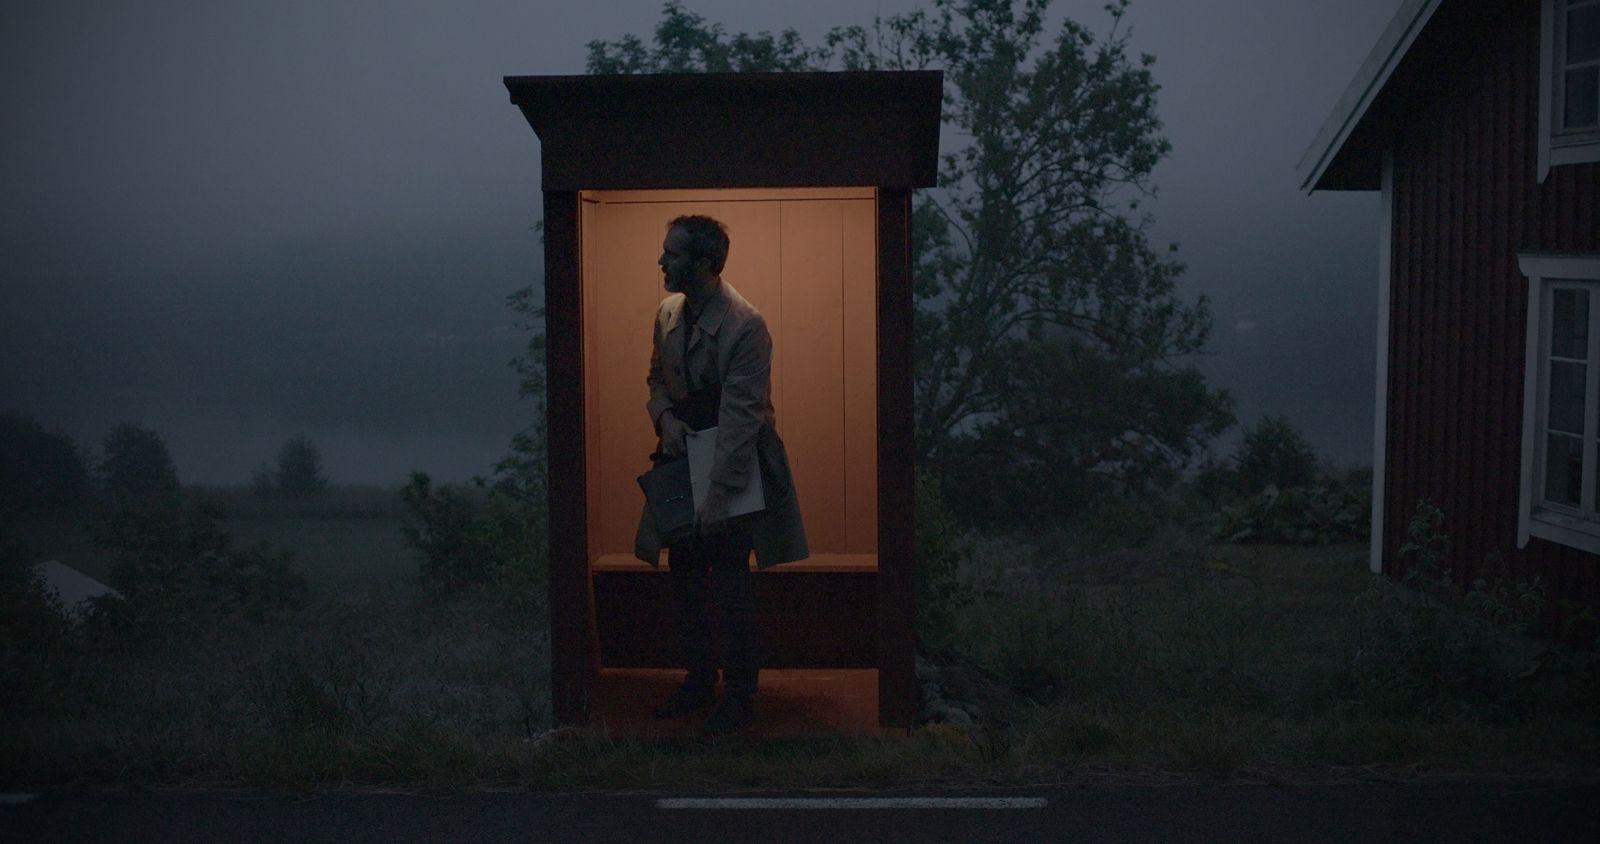 Aland (BANDE-ANNONCE) de et avec Thomas Germaine - Le 7 octobre 2020 au cinéma